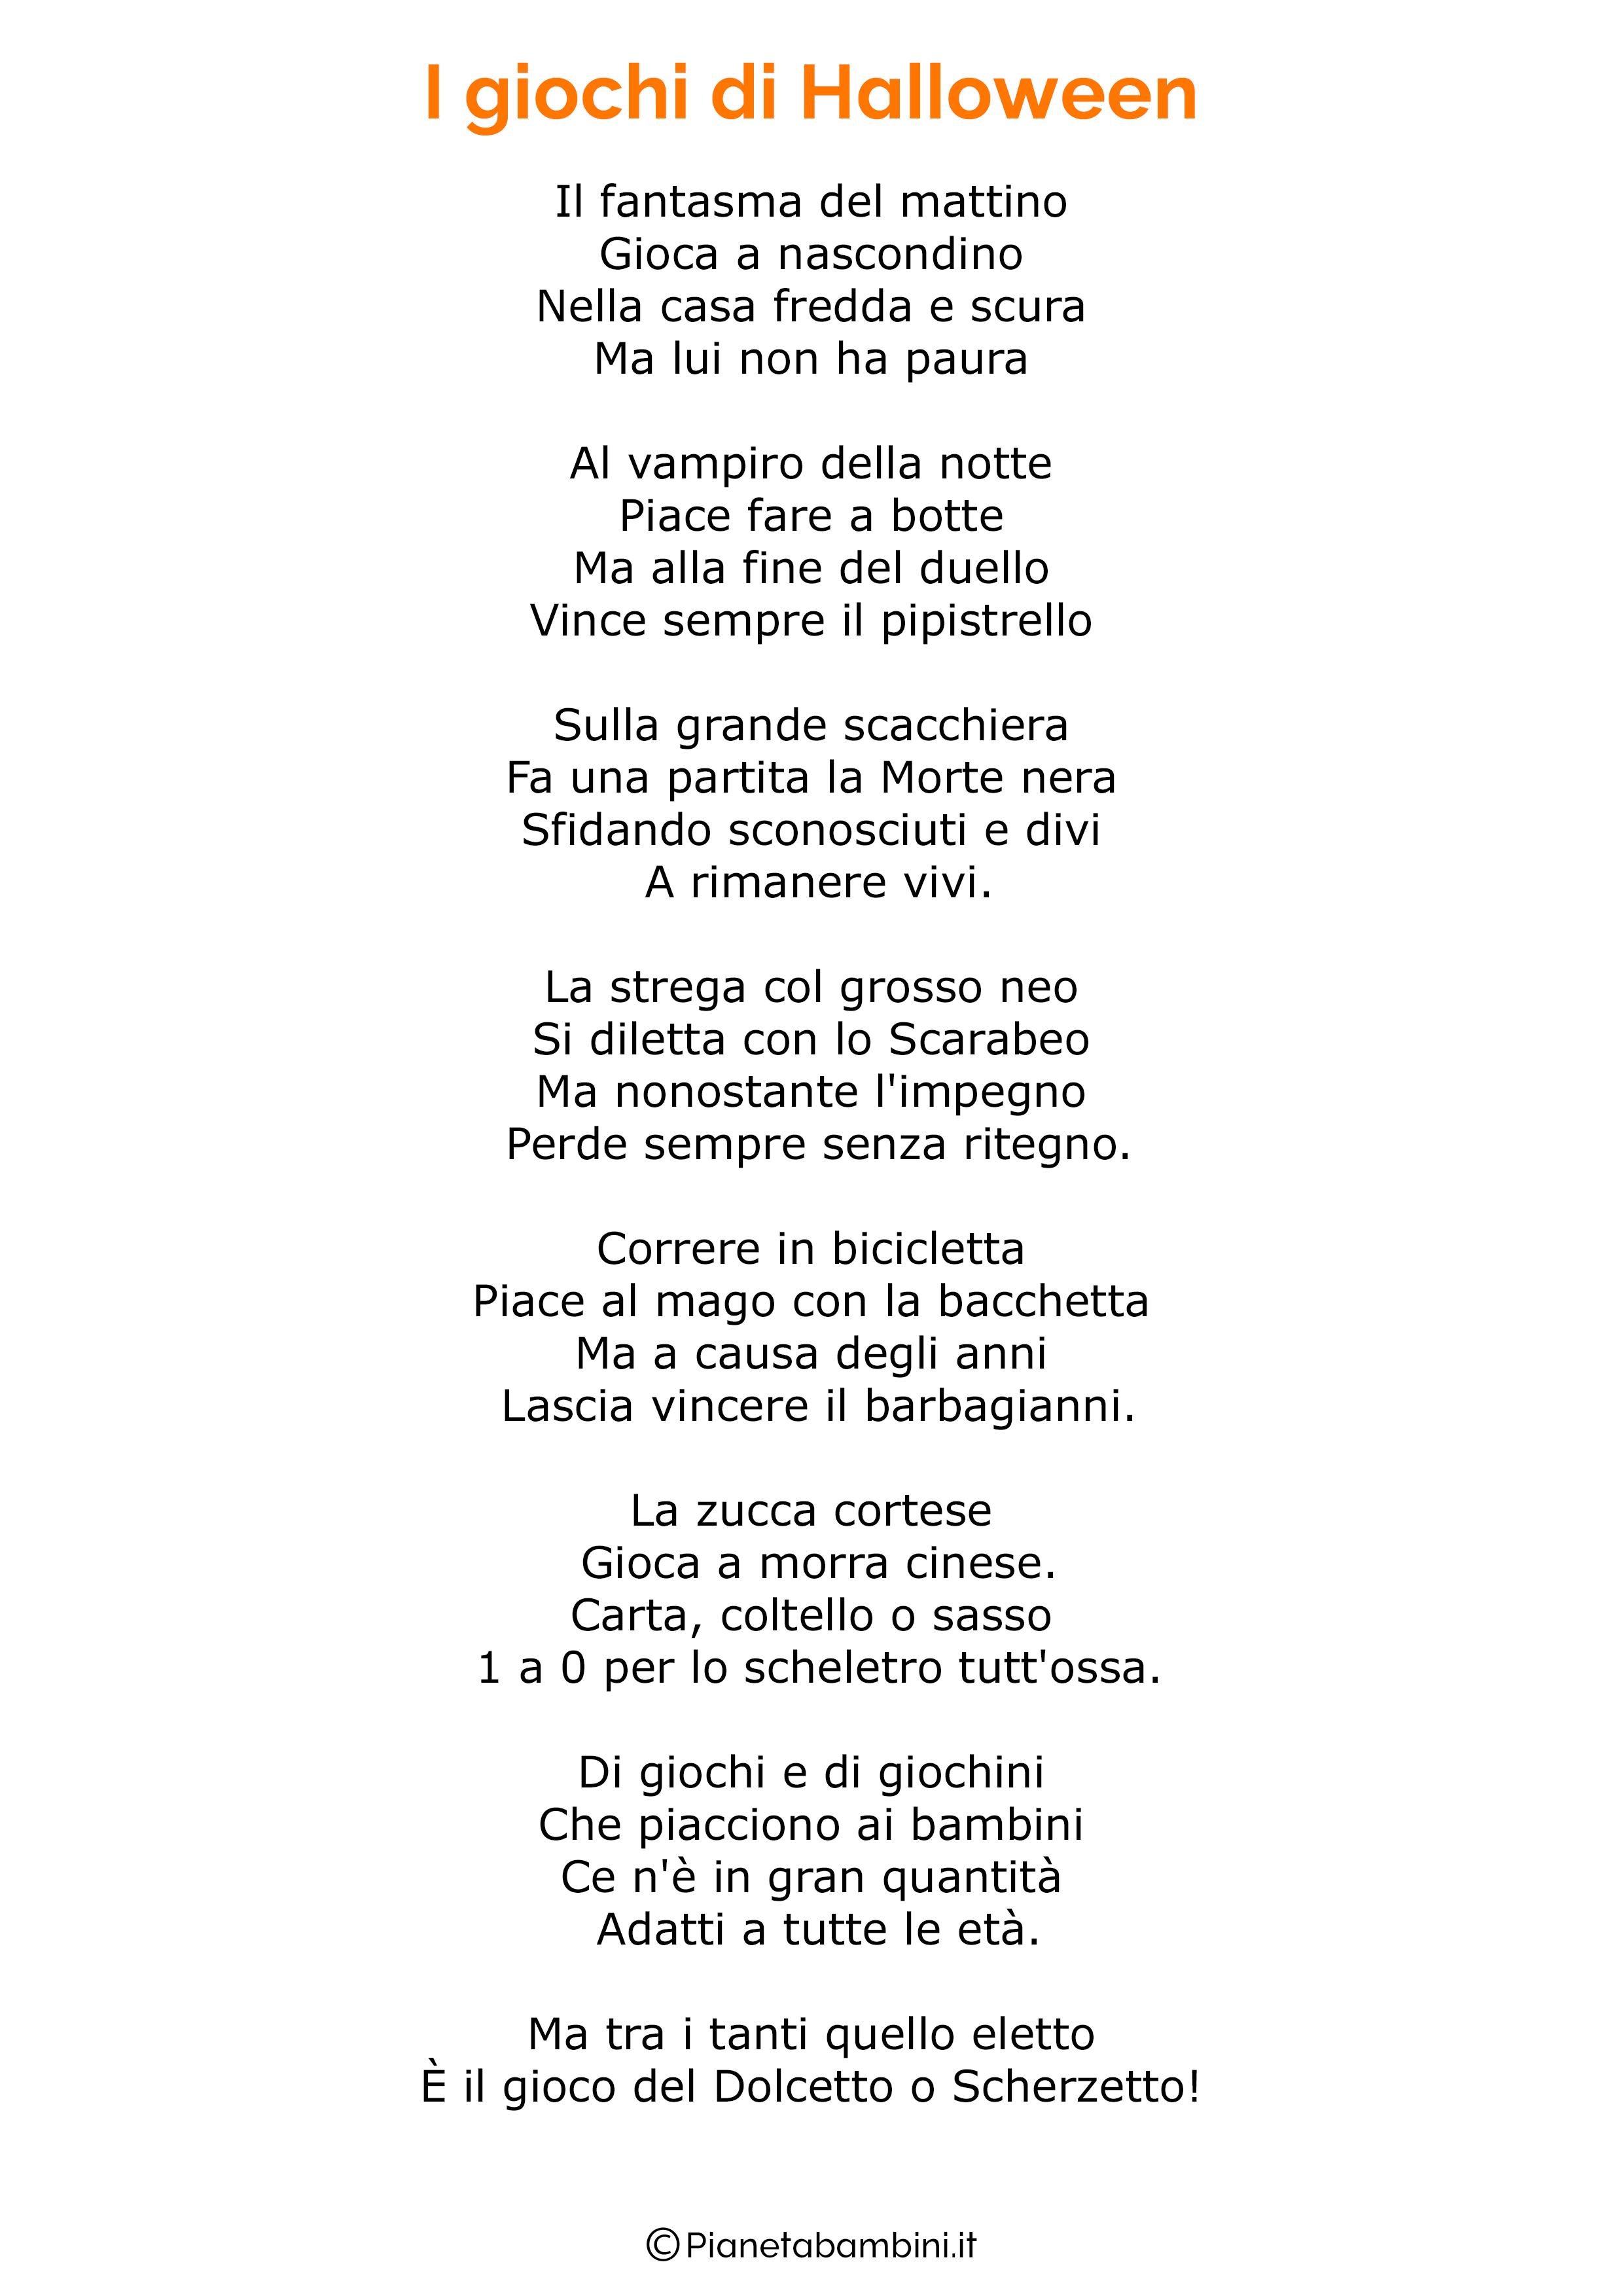 Poesia di Halloween per bambini 19